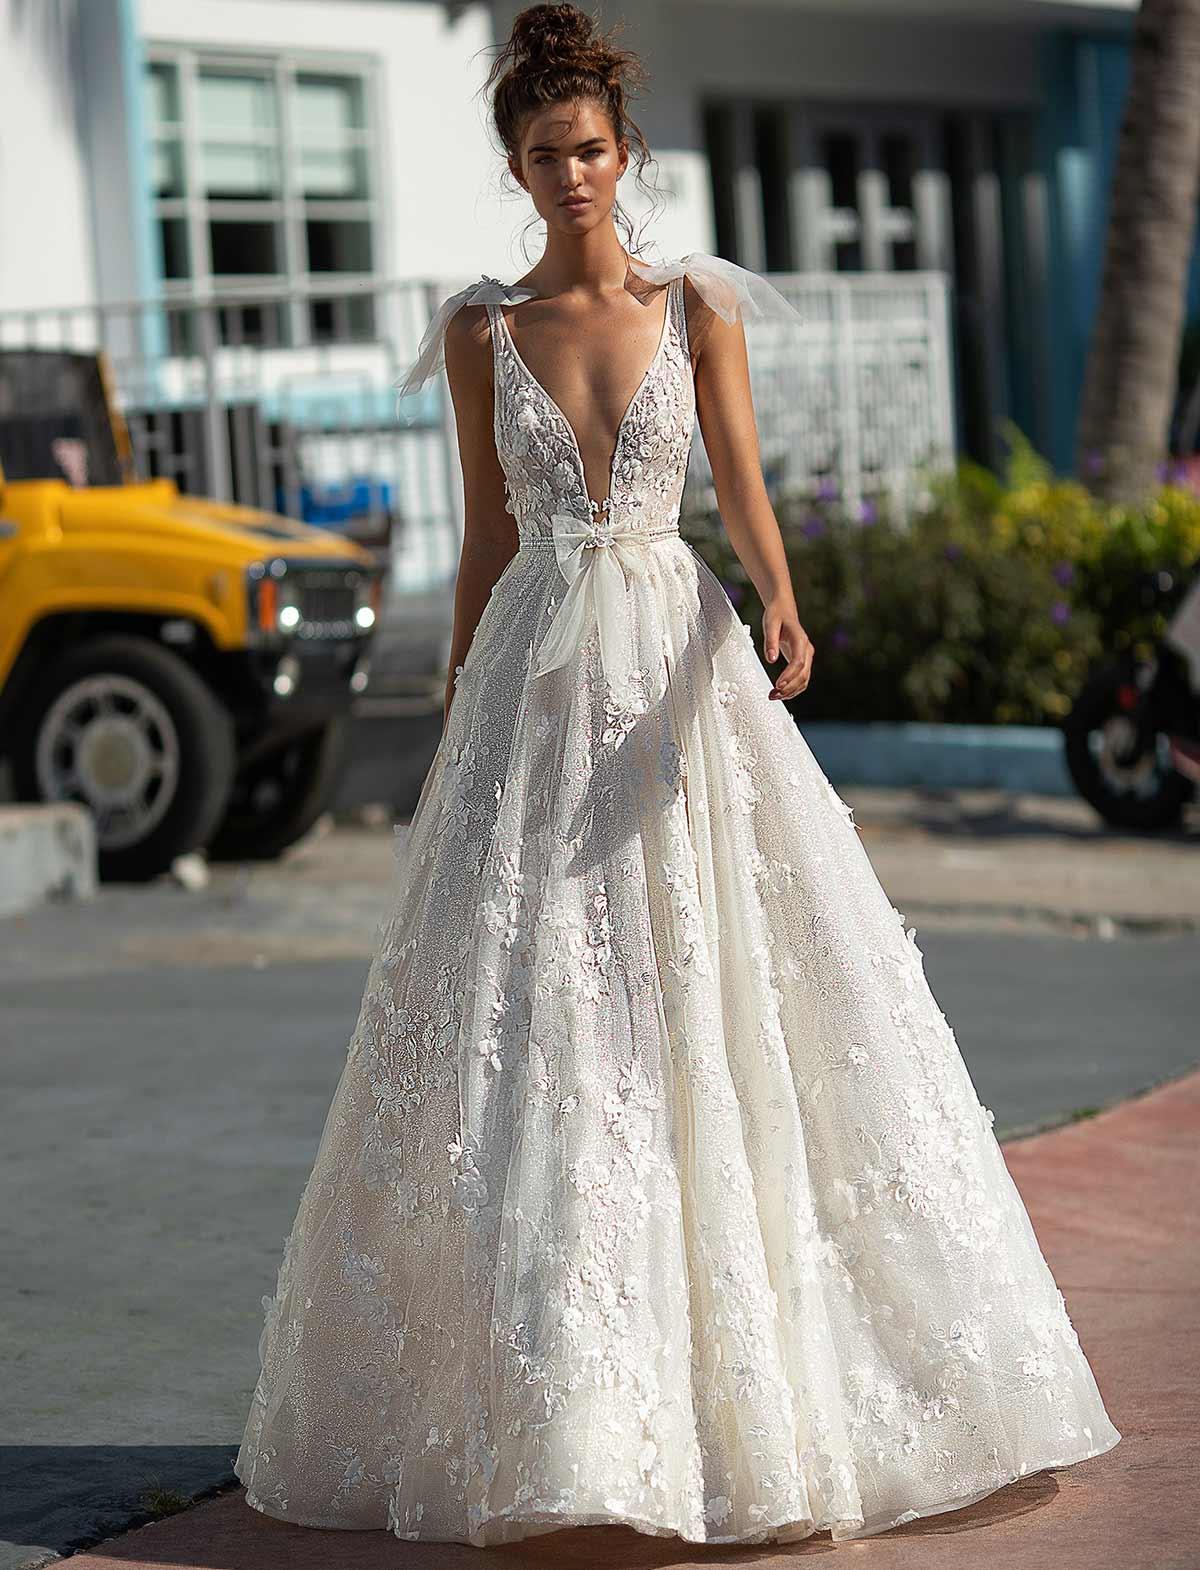 Berta Bridal 19-20 Abito Sposa